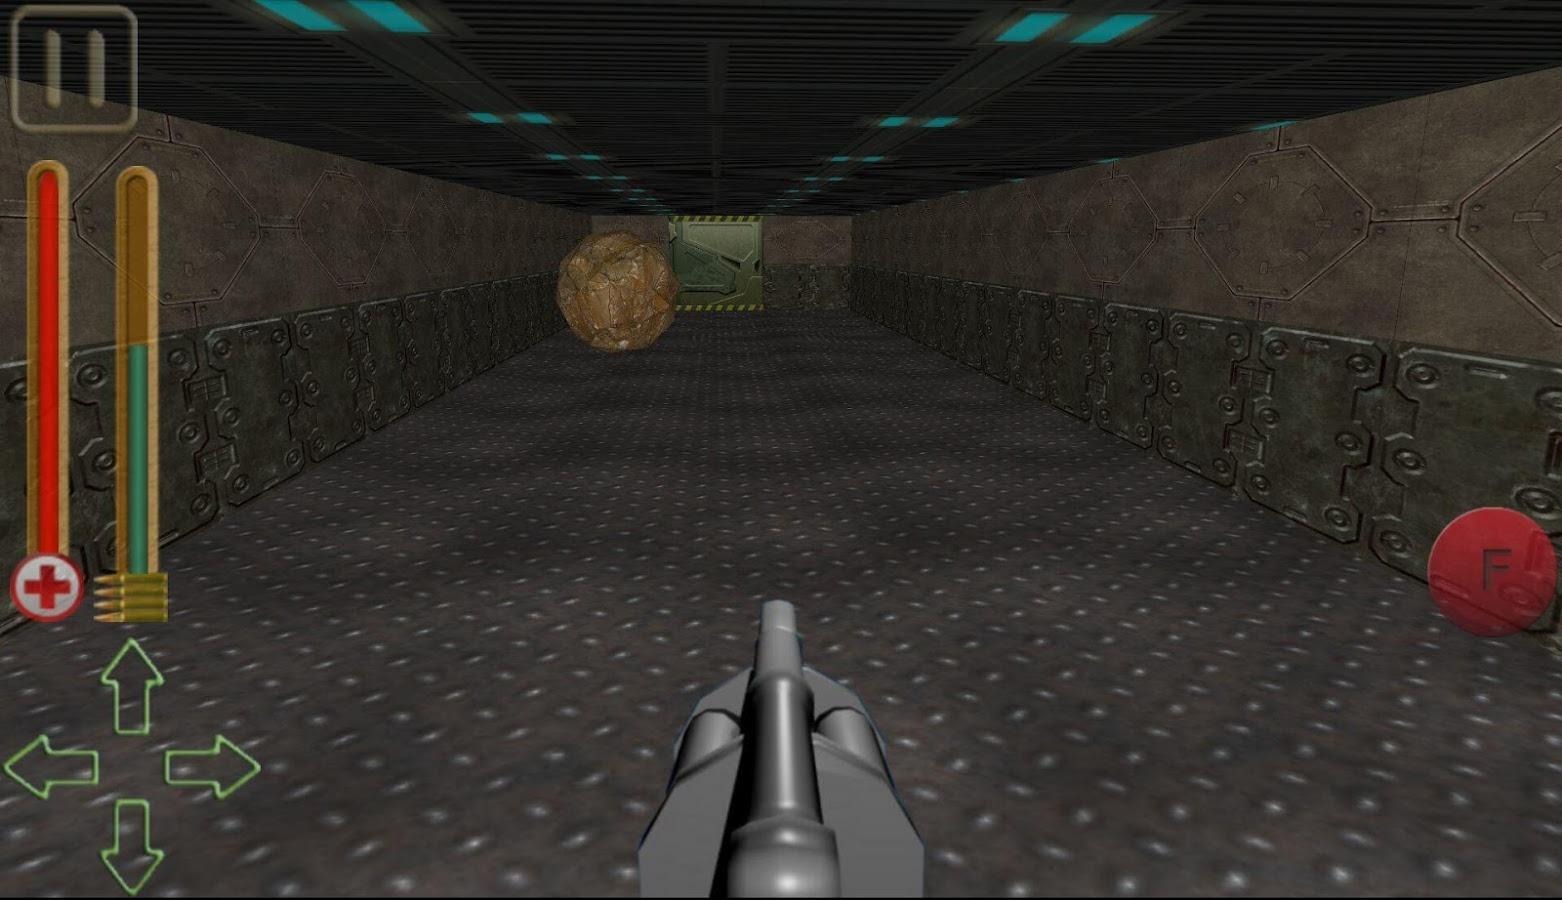 Игра лабиринт 3d скачать на компьютер